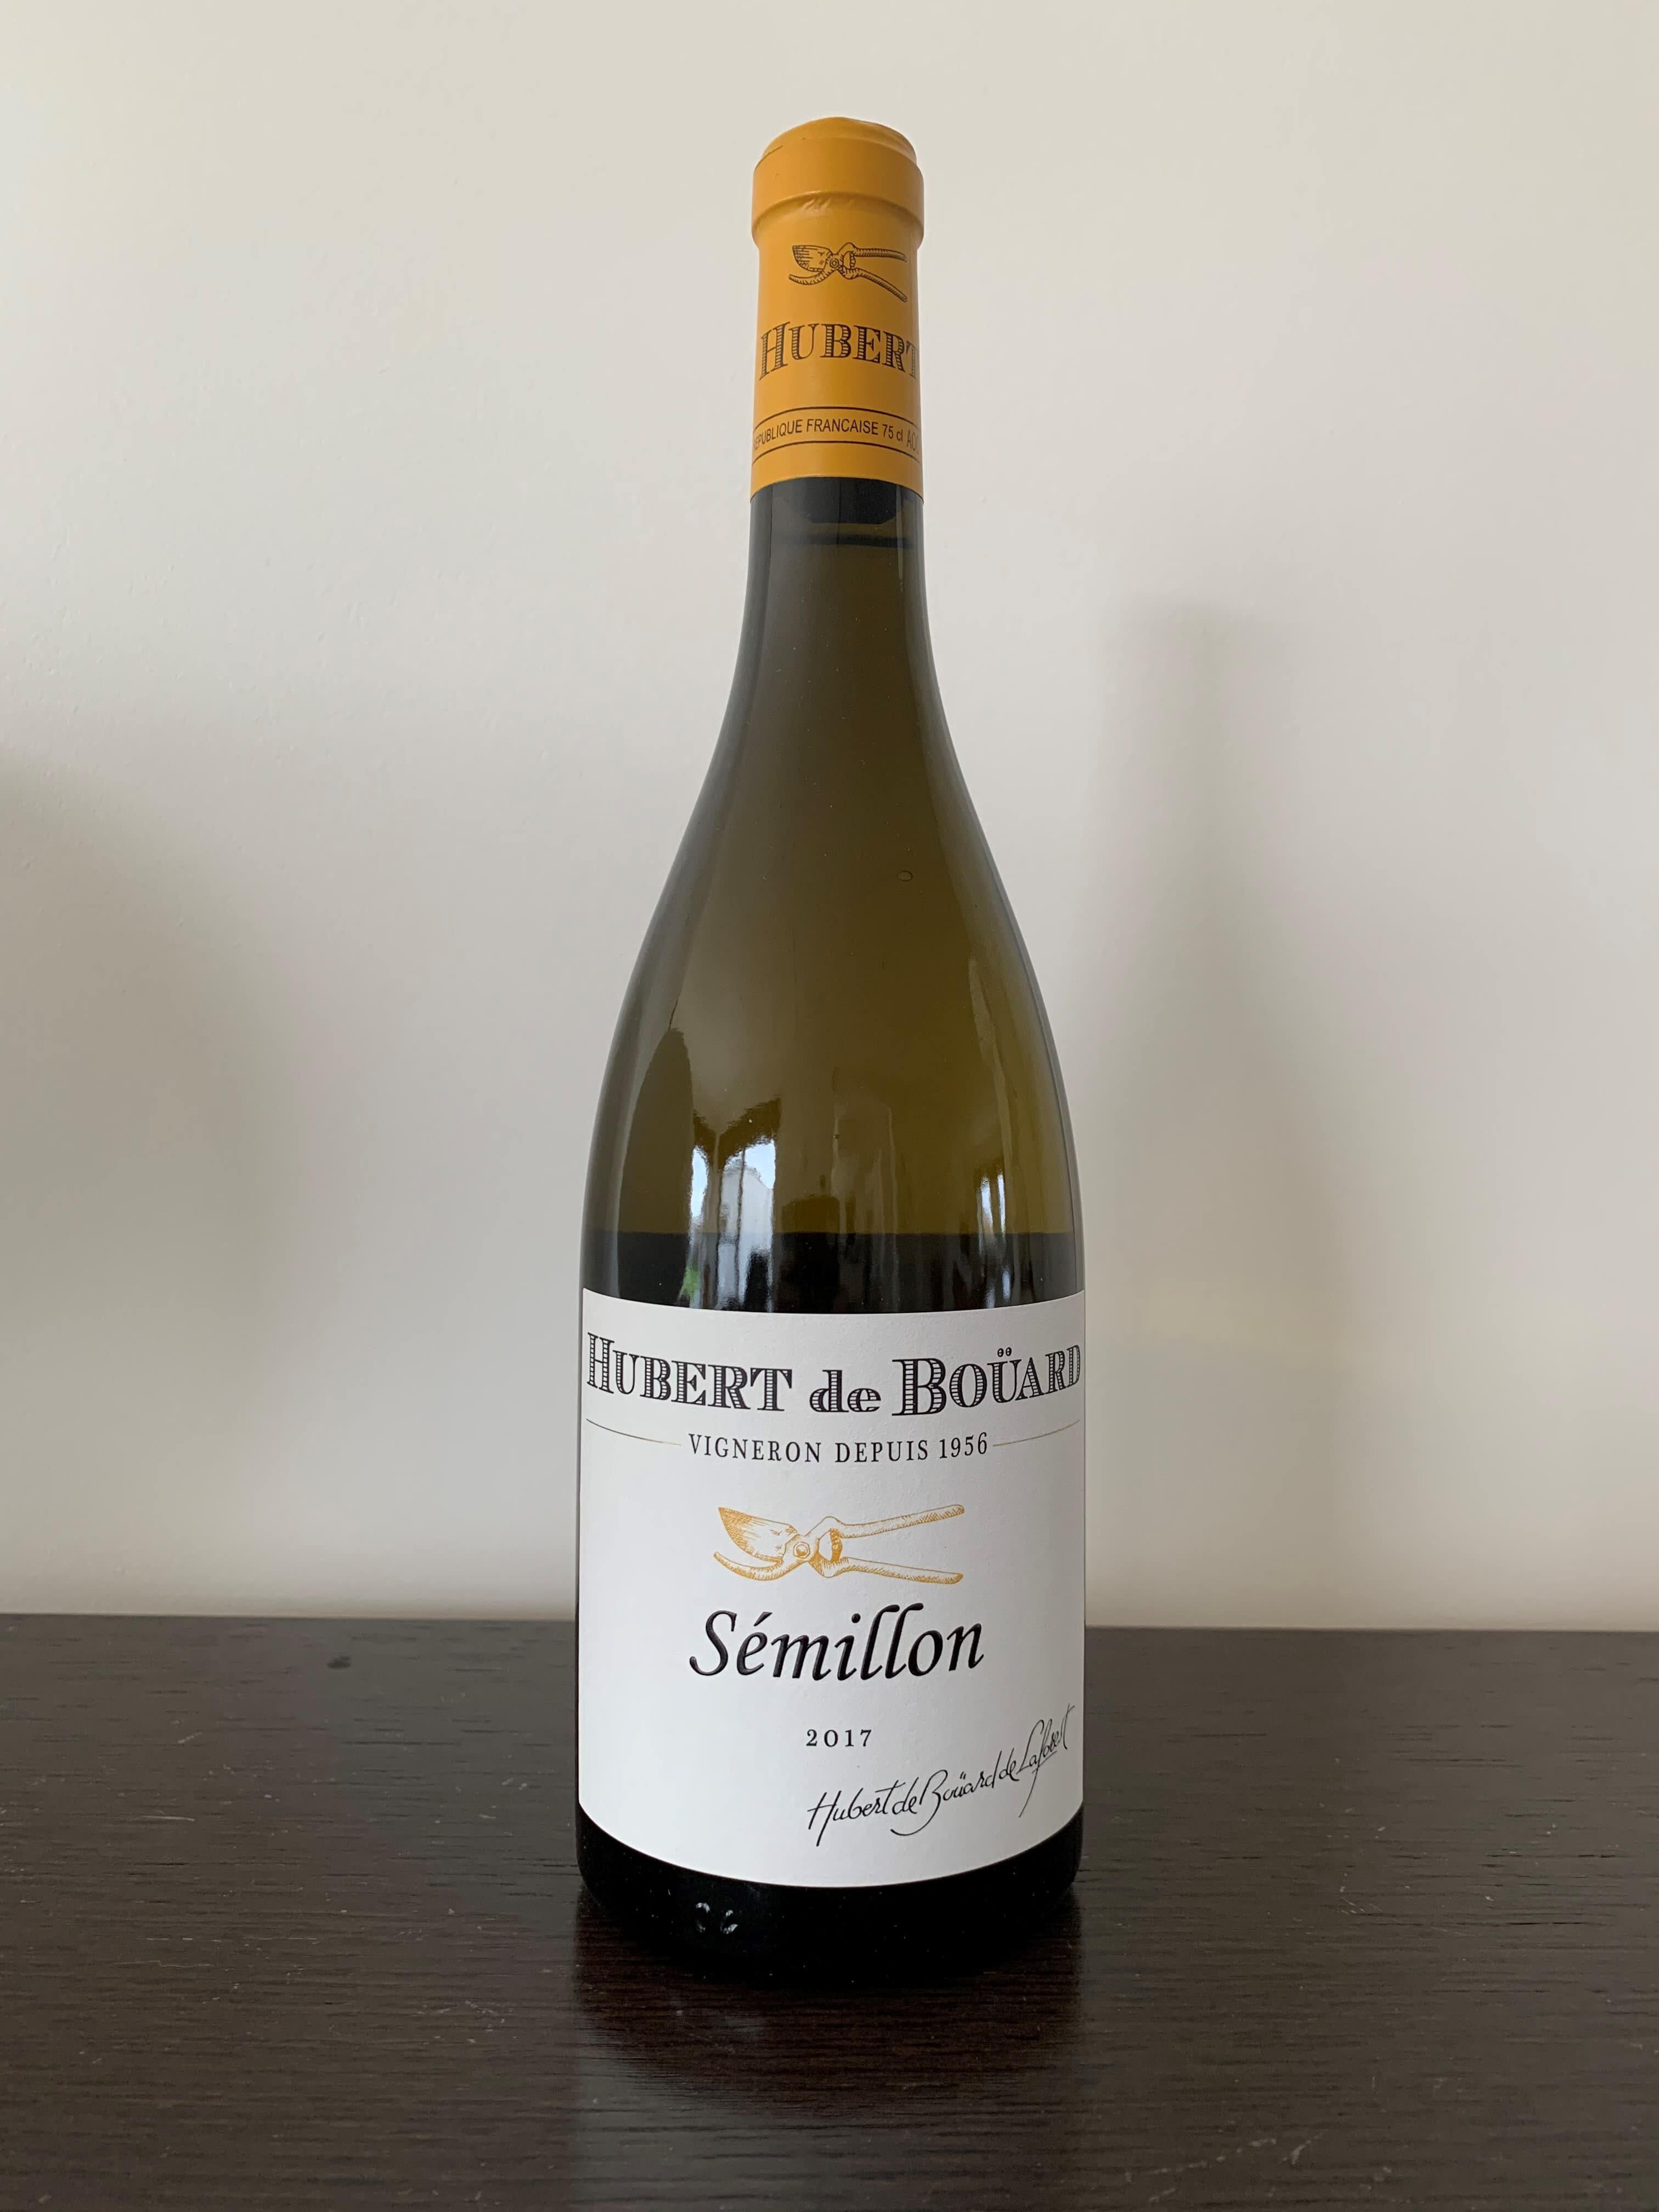 Hubert de Bouard Semillon